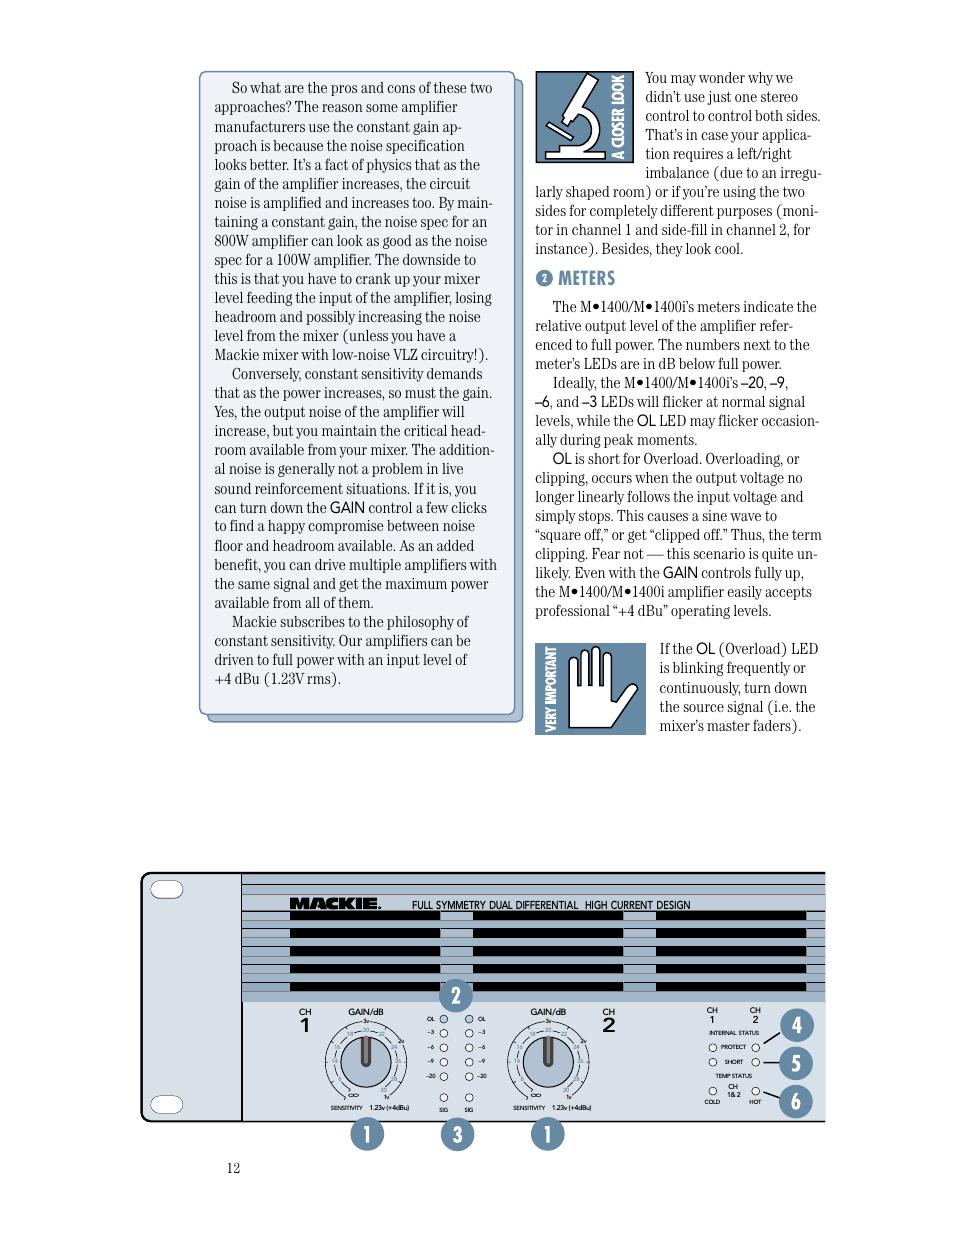 Meters, application diagrams, feature descriptions | mackie m1400.